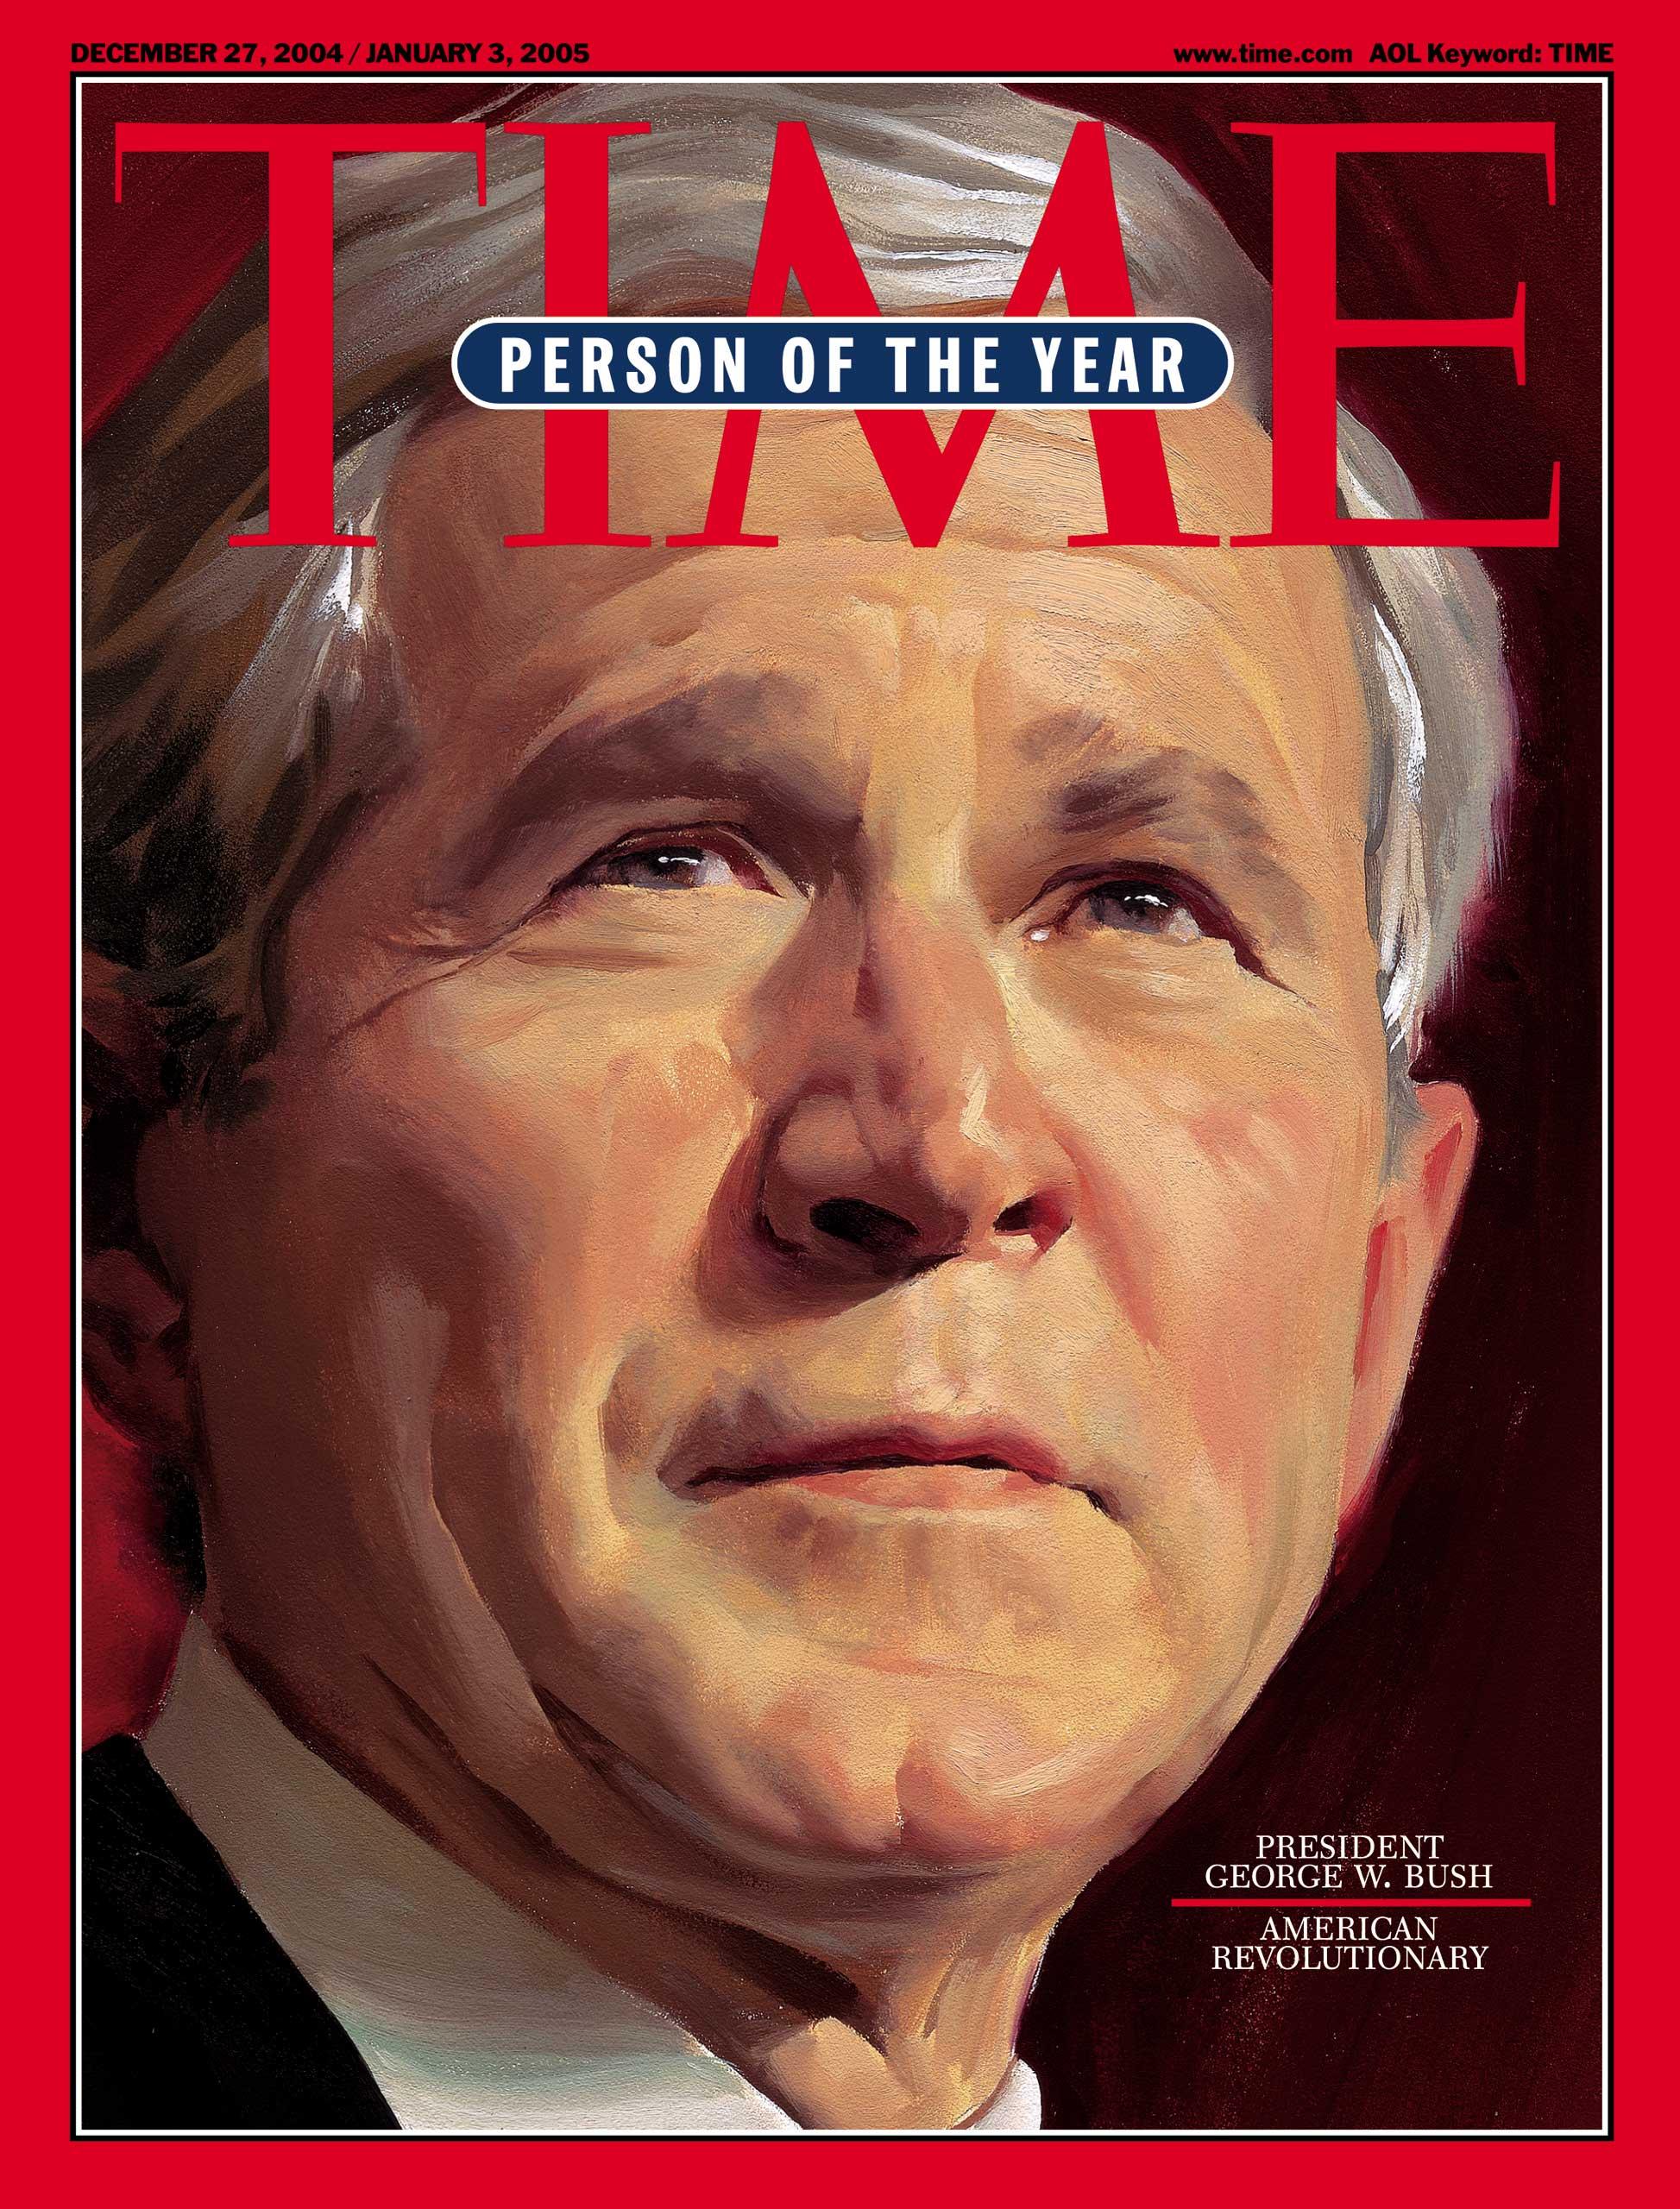 2004: President George W. Bush